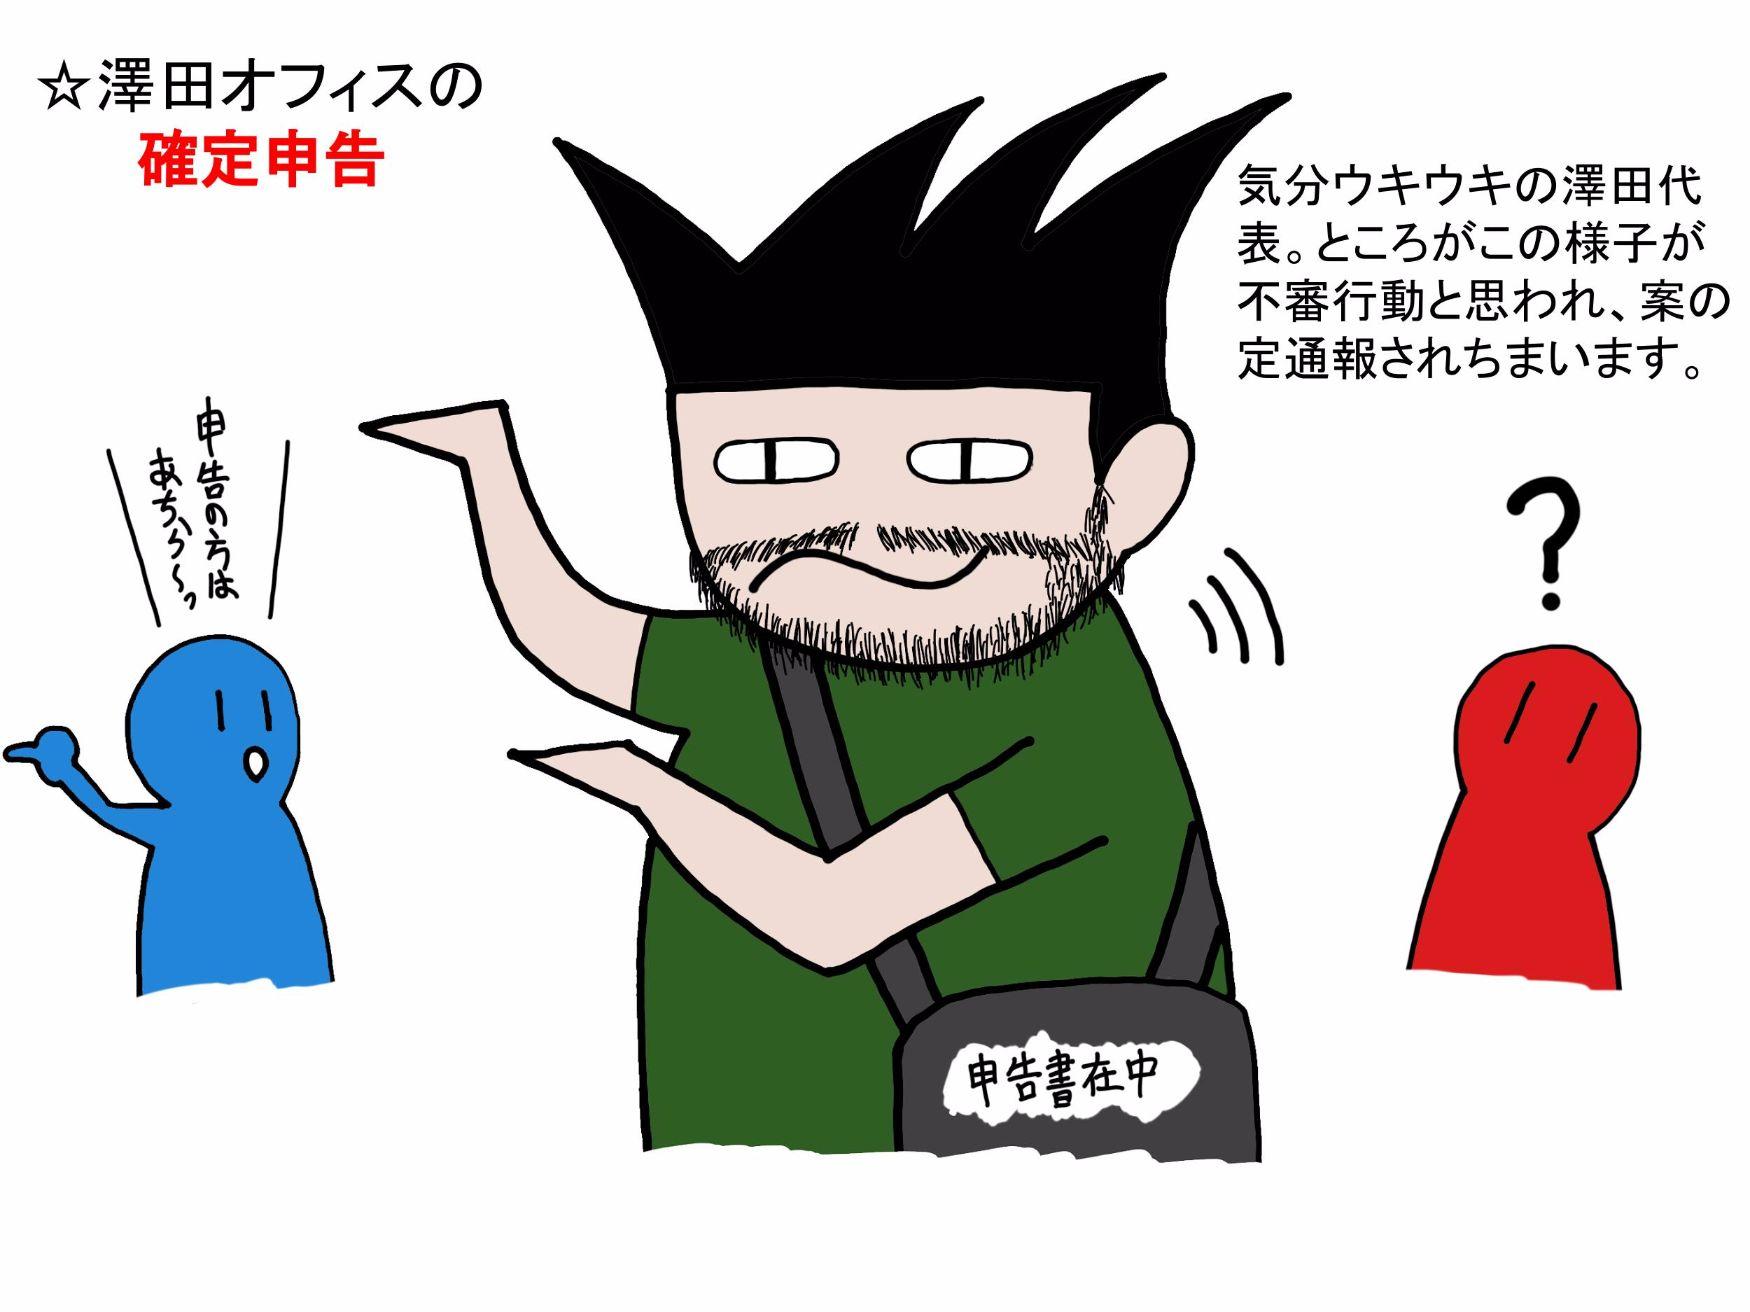 3pun-0620shigoto1